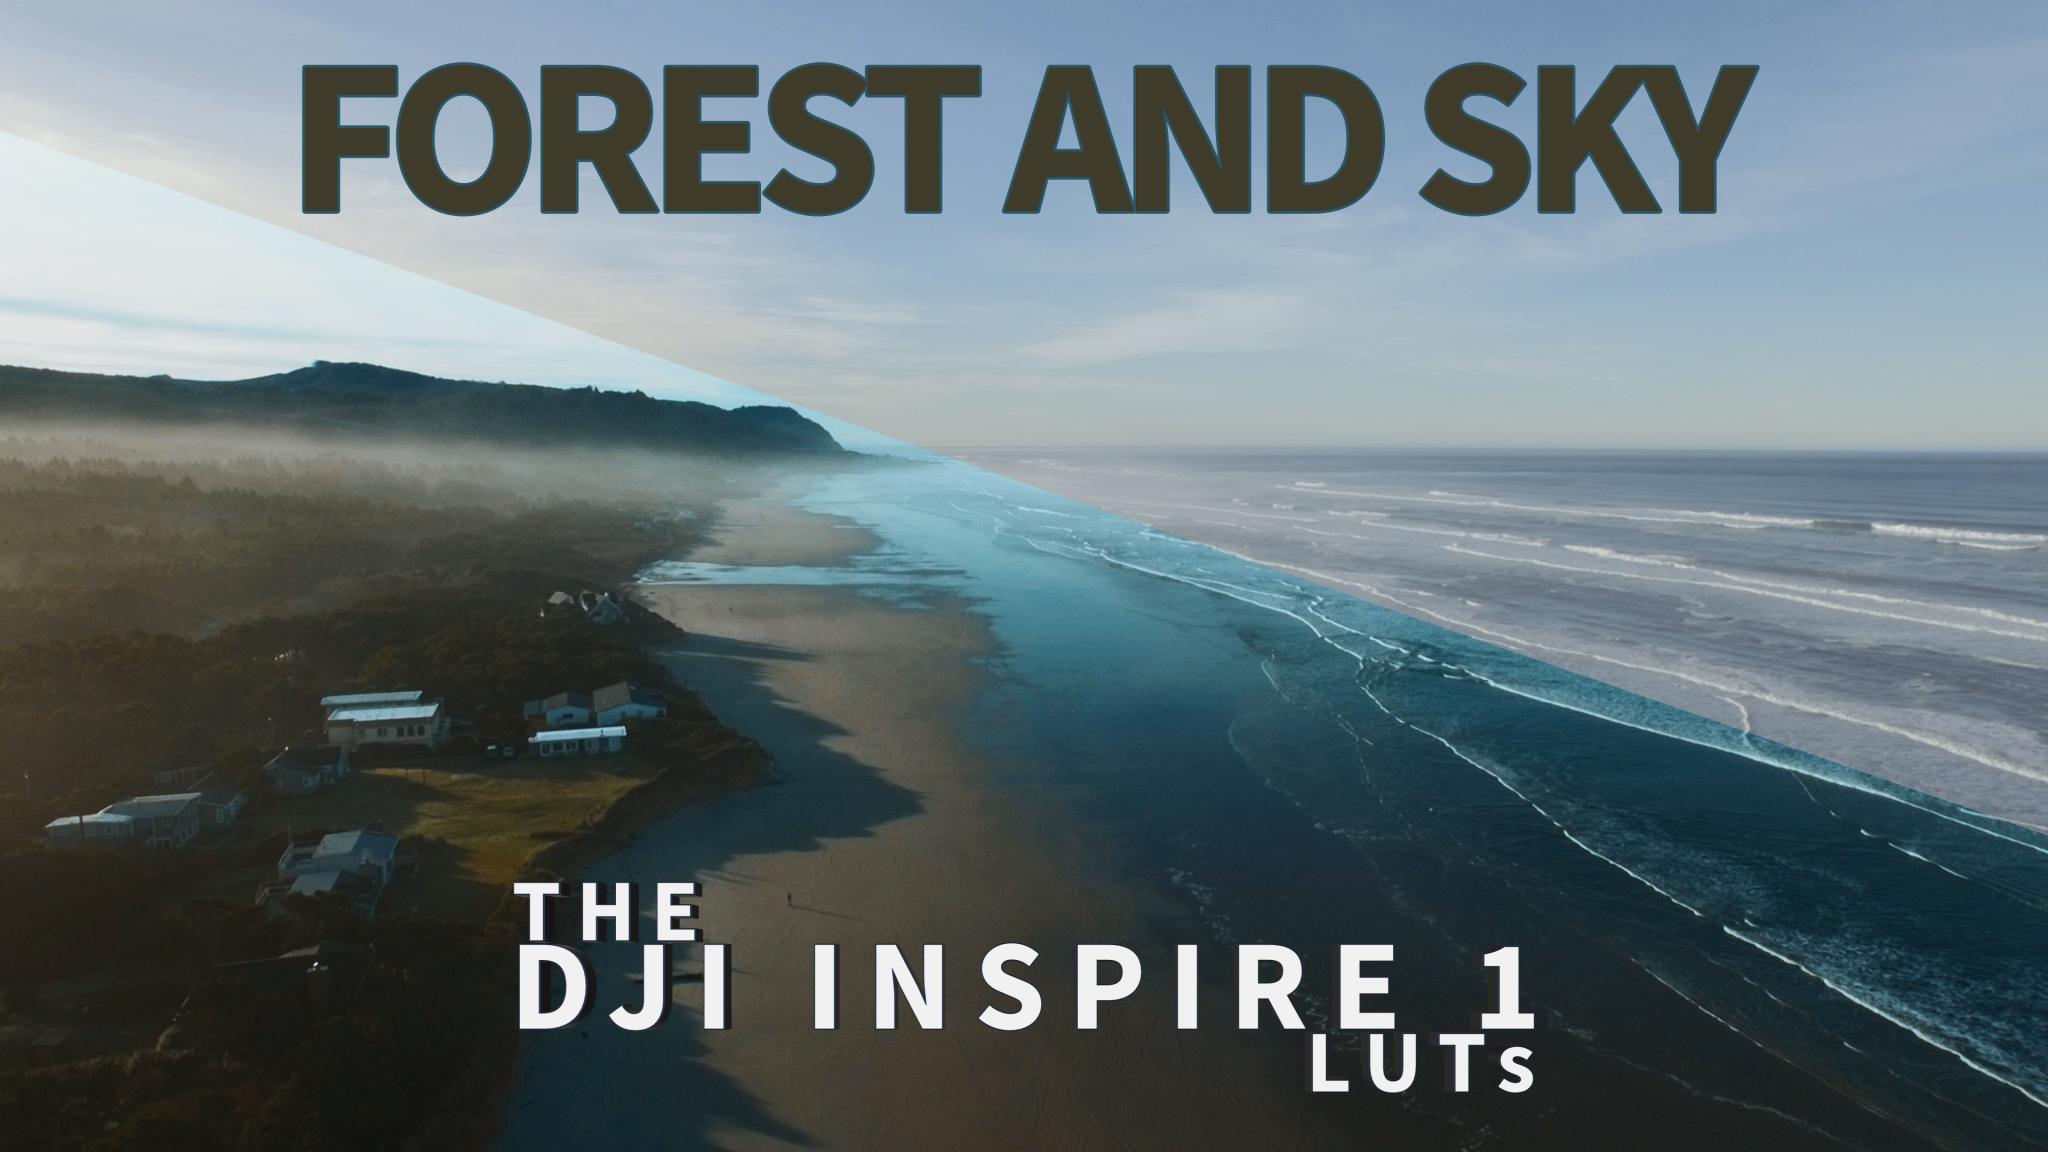 neumann films oceanic video luts for dji inspire 1